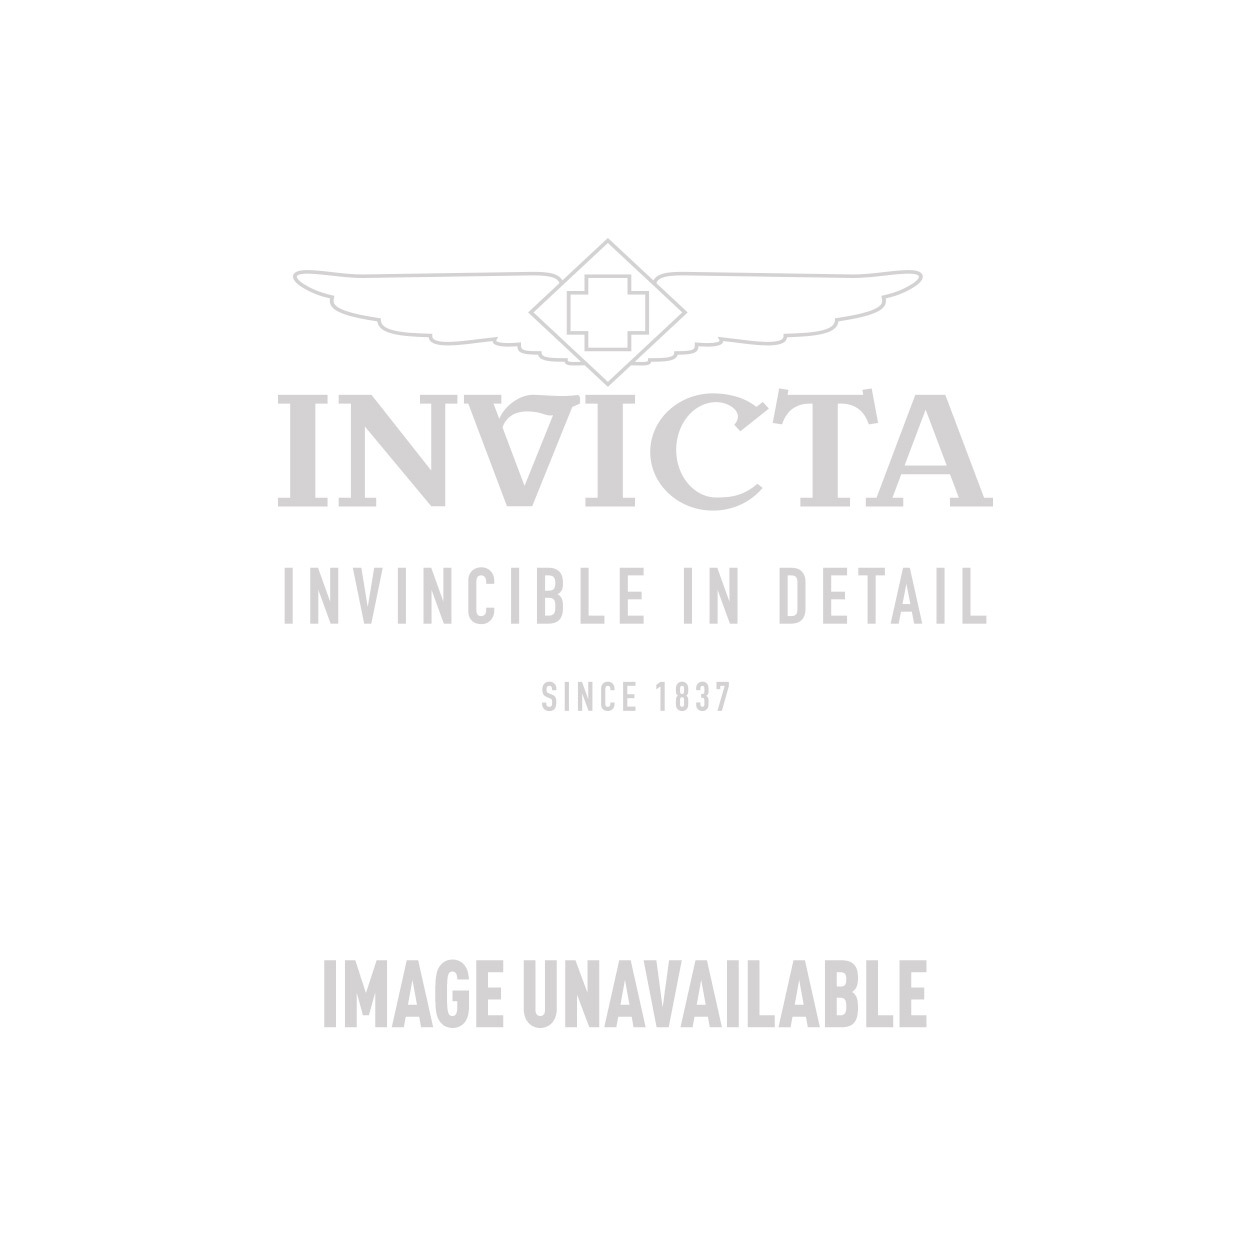 Invicta Model 28922